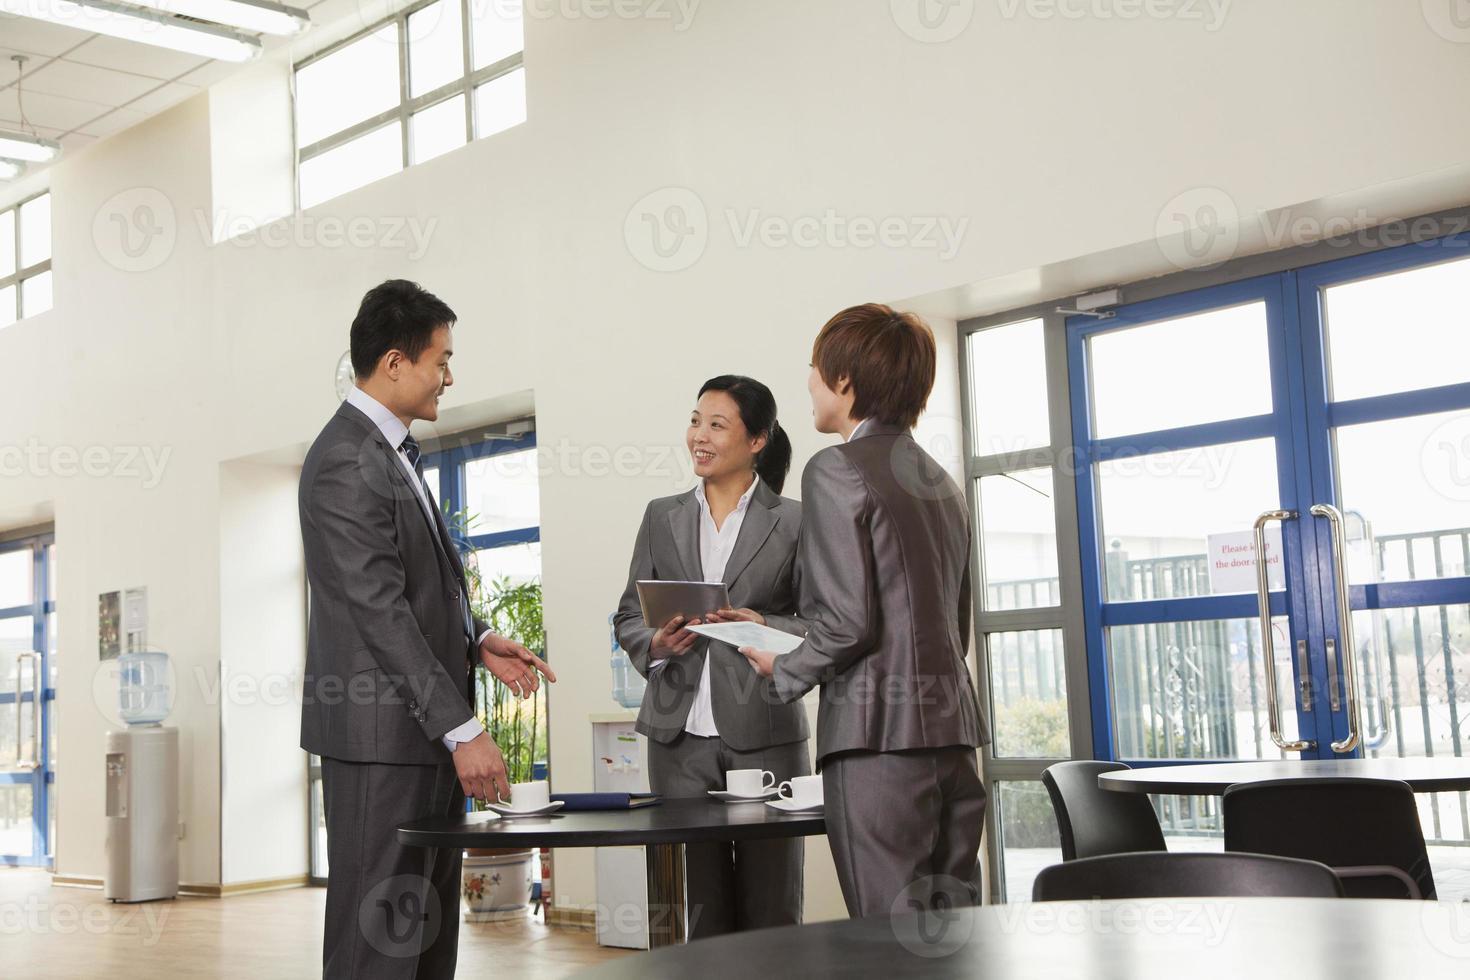 trois hommes d'affaires réunis dans la cafétéria de l'entreprise photo